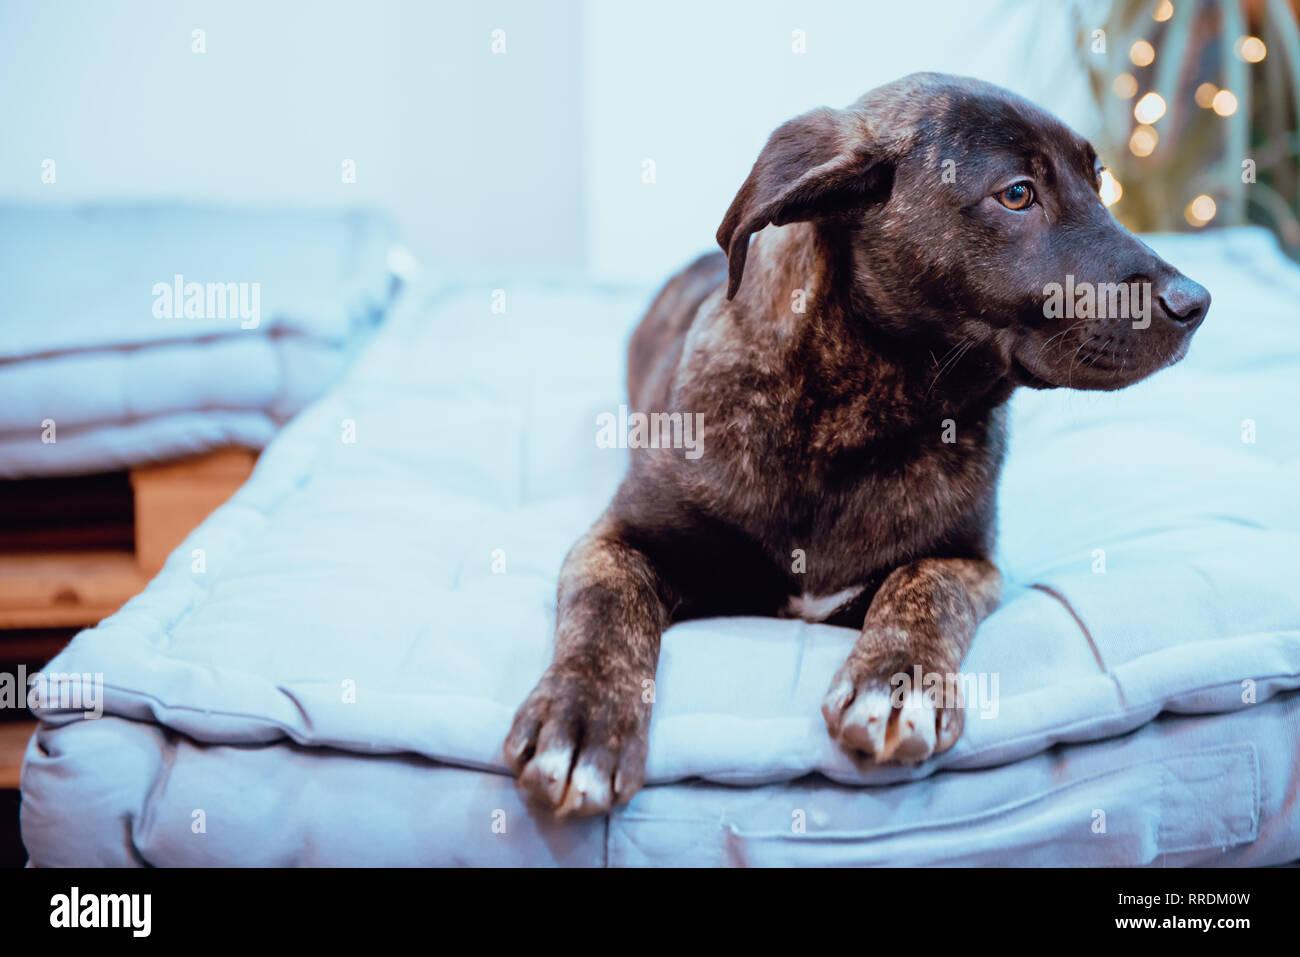 Hund am Boden liegend Stockbild